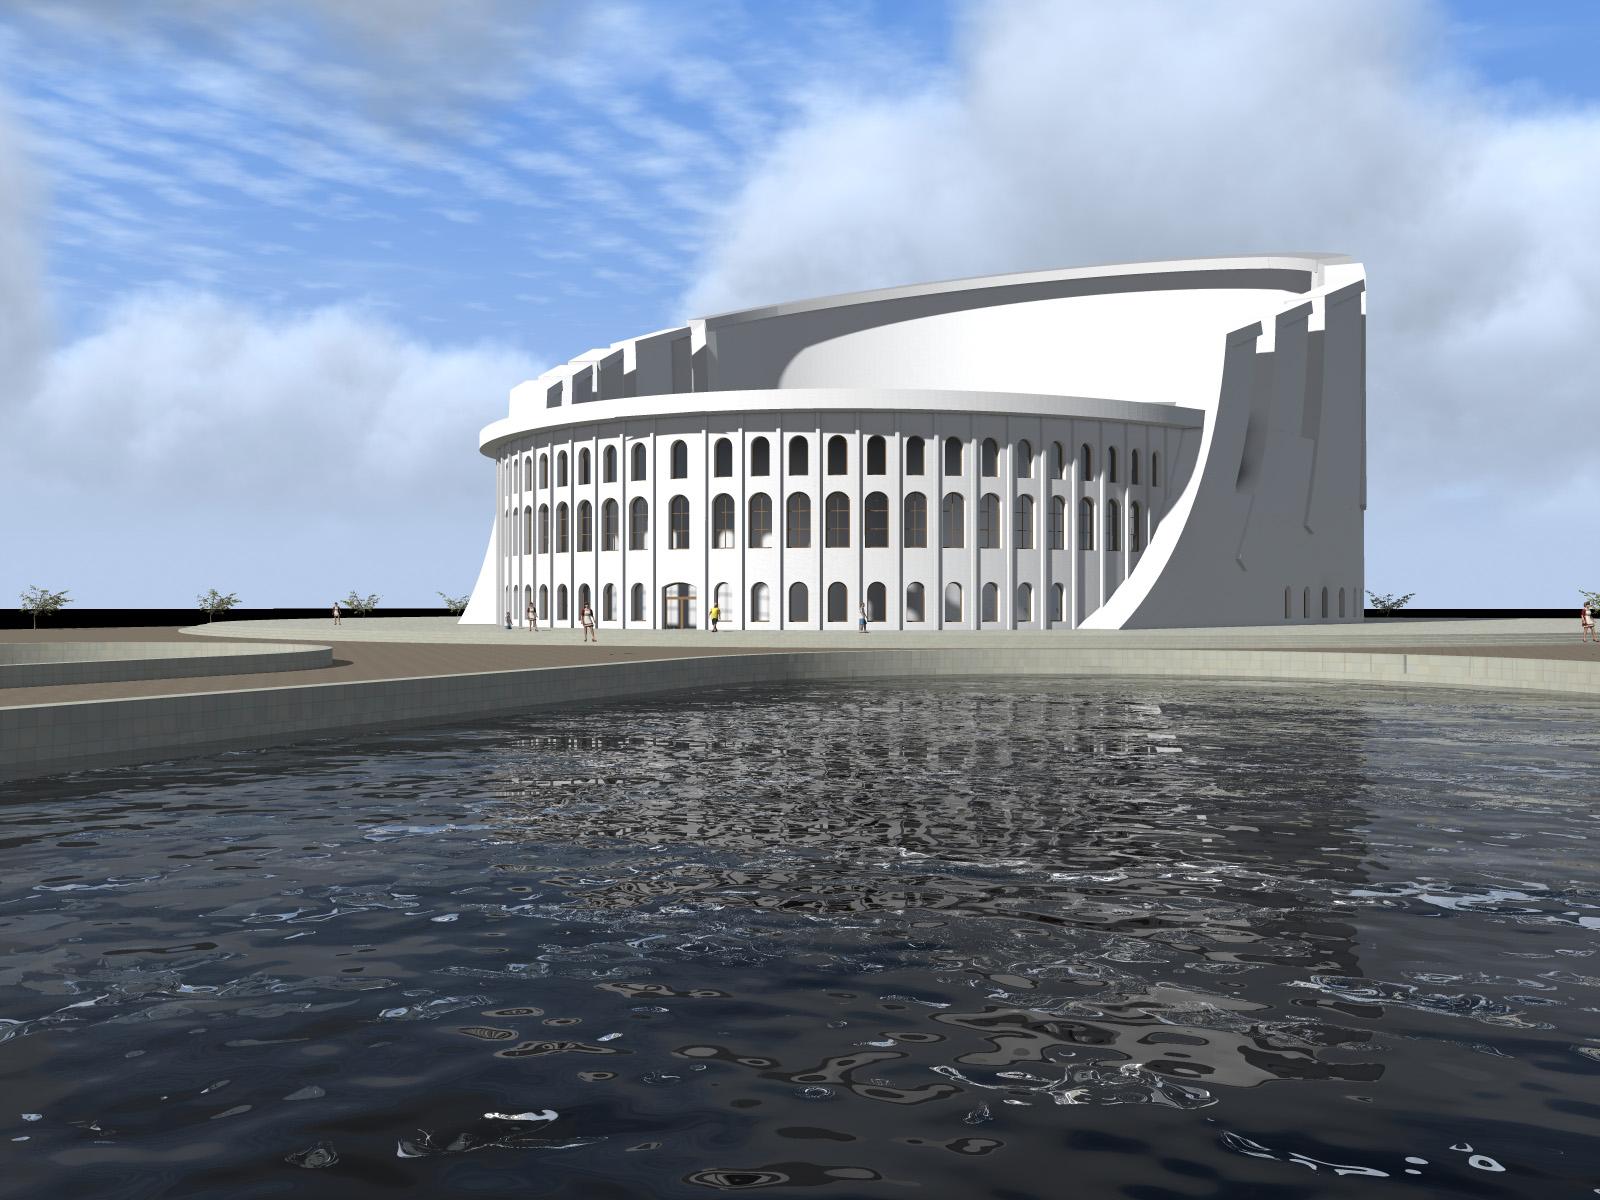 Разработка архитектурной концепции театра оперы и балета фото f_99552f4e11ccd182.jpg